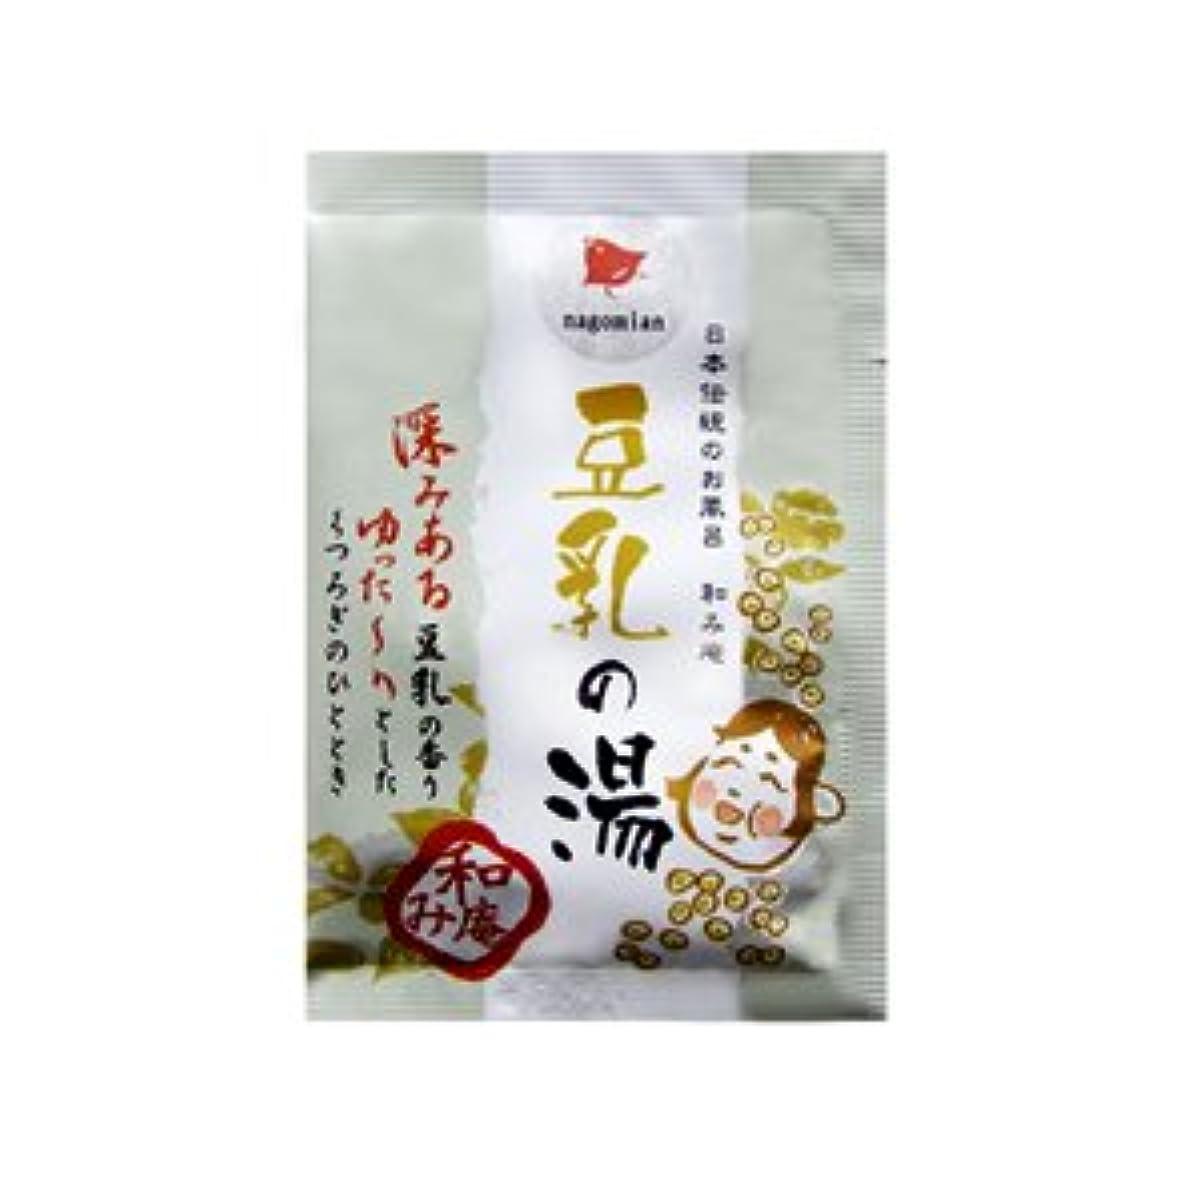 統計的一掃するキャリッジ日本伝統のお風呂 和み庵 豆乳の湯 25g 5個セット